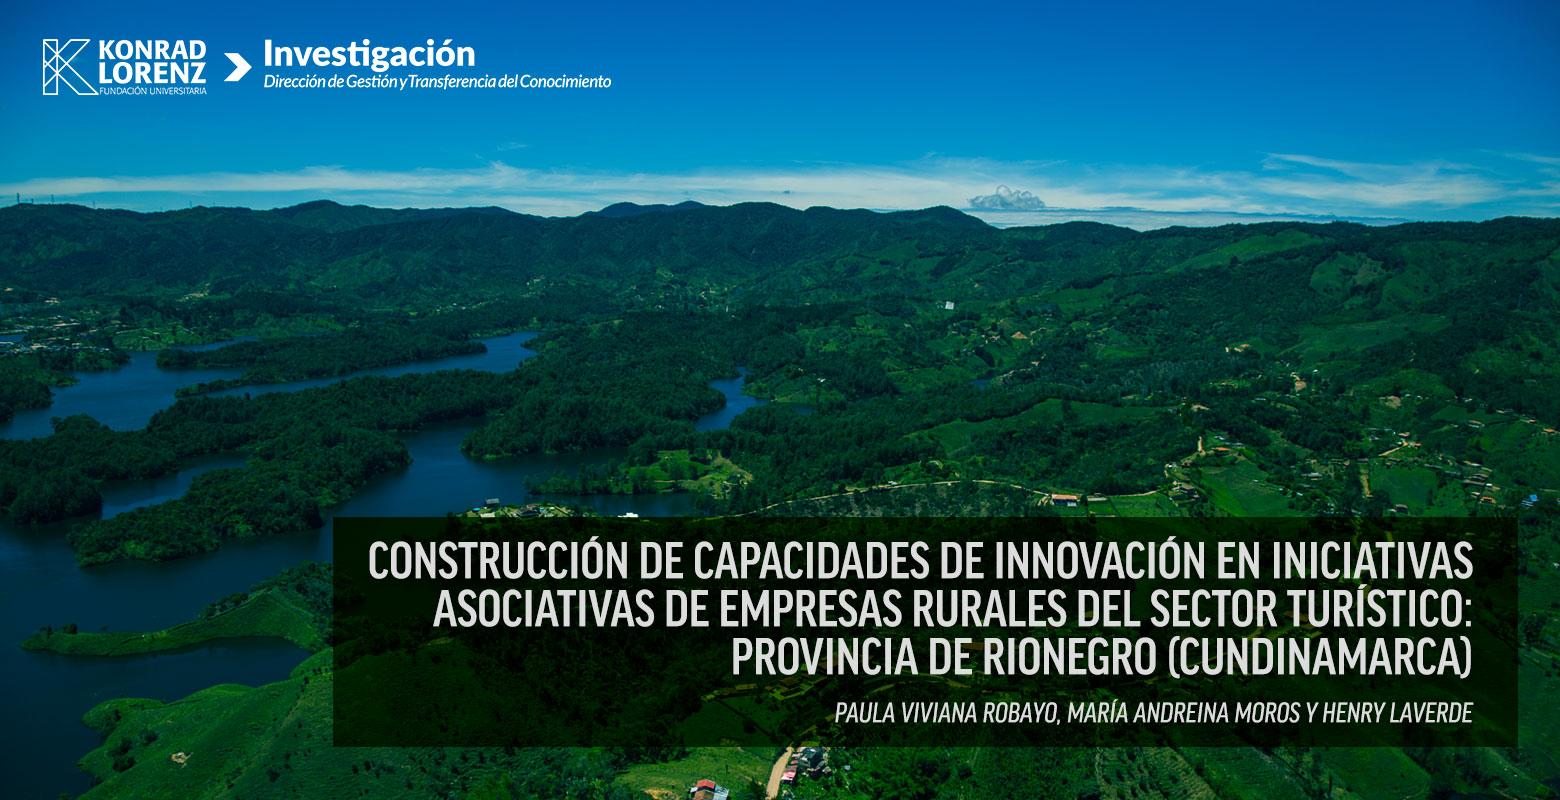 Construcción de capacidades de innovación en iniciativas asociativas de empresas rurales del Sector Turístico: Provincia de Rionegro (Cundinamarca)